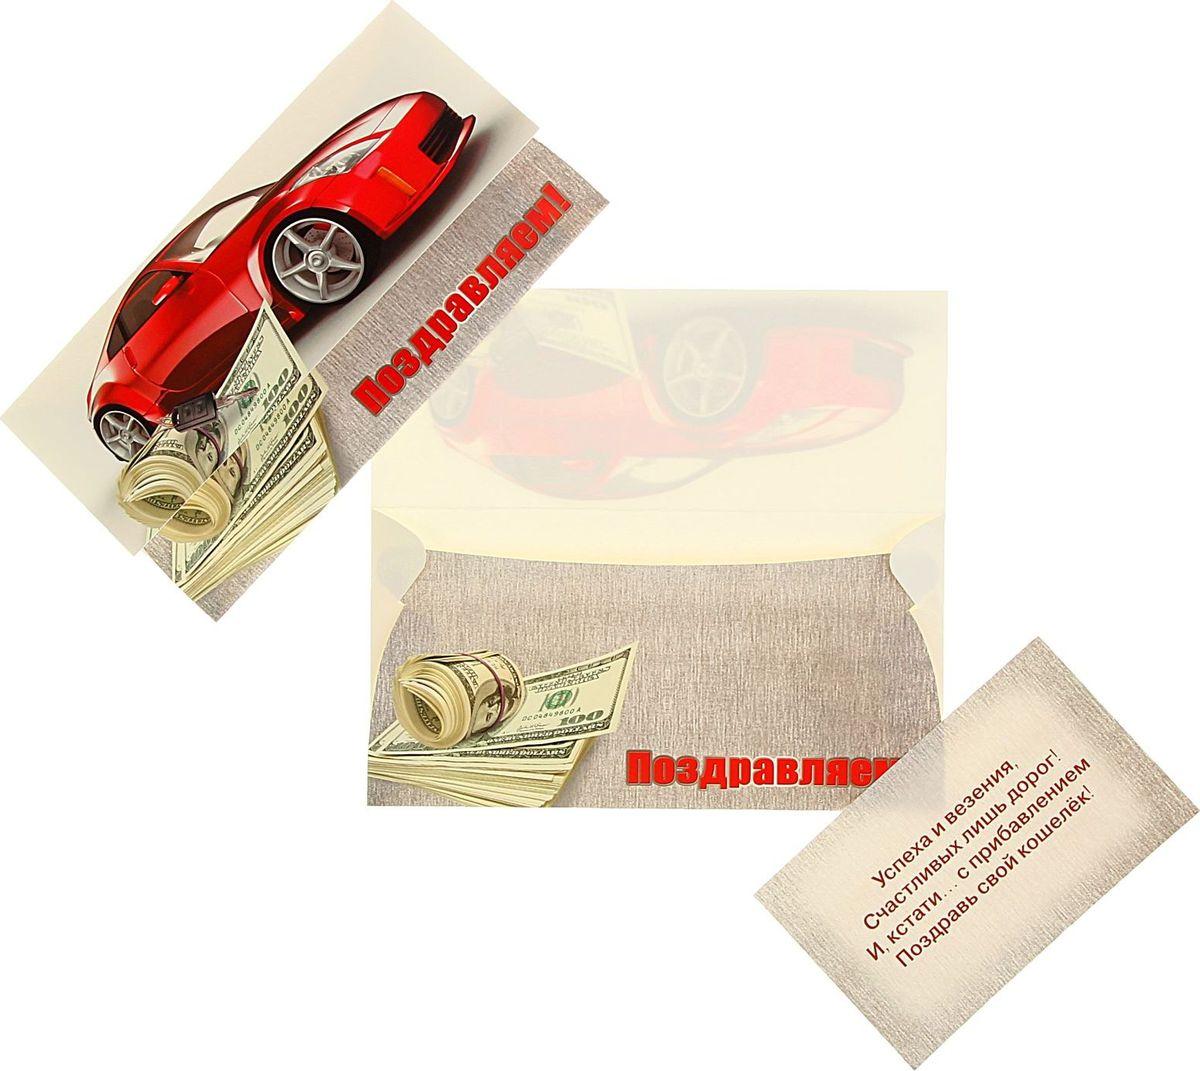 Конверт для денег Русский дизайн Поздравляем! Красное авто, деньги, 16,5 х 8,5 см1536080Невозможно представить нашу жизнь без праздников! Мы всегда ждём их и предвкушаем, обдумываем, как проведём памятный день, тщательно выбираем подарки и аксессуары, ведь именно они создают и поддерживают торжественный настрой. Этот конверт для денег - отличный выбор, который привнесёт атмосферу праздника в ваш дом!